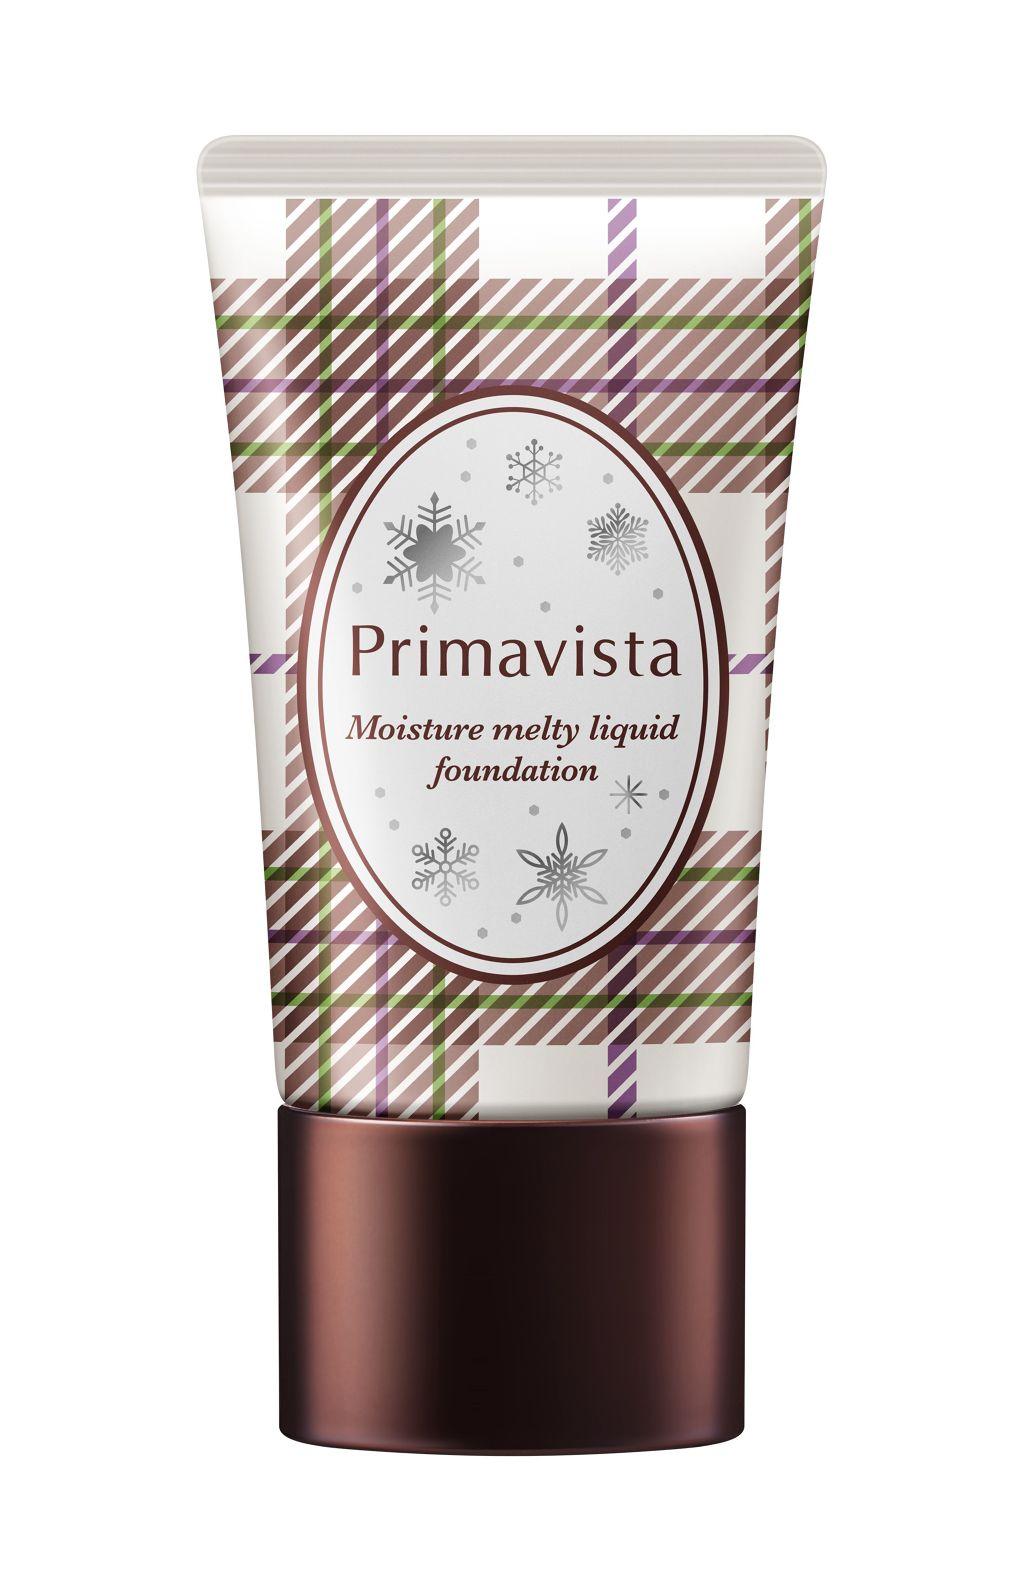 くずれにくい うるおい質感 メルティリキッドファンデーション プリマヴィスタ